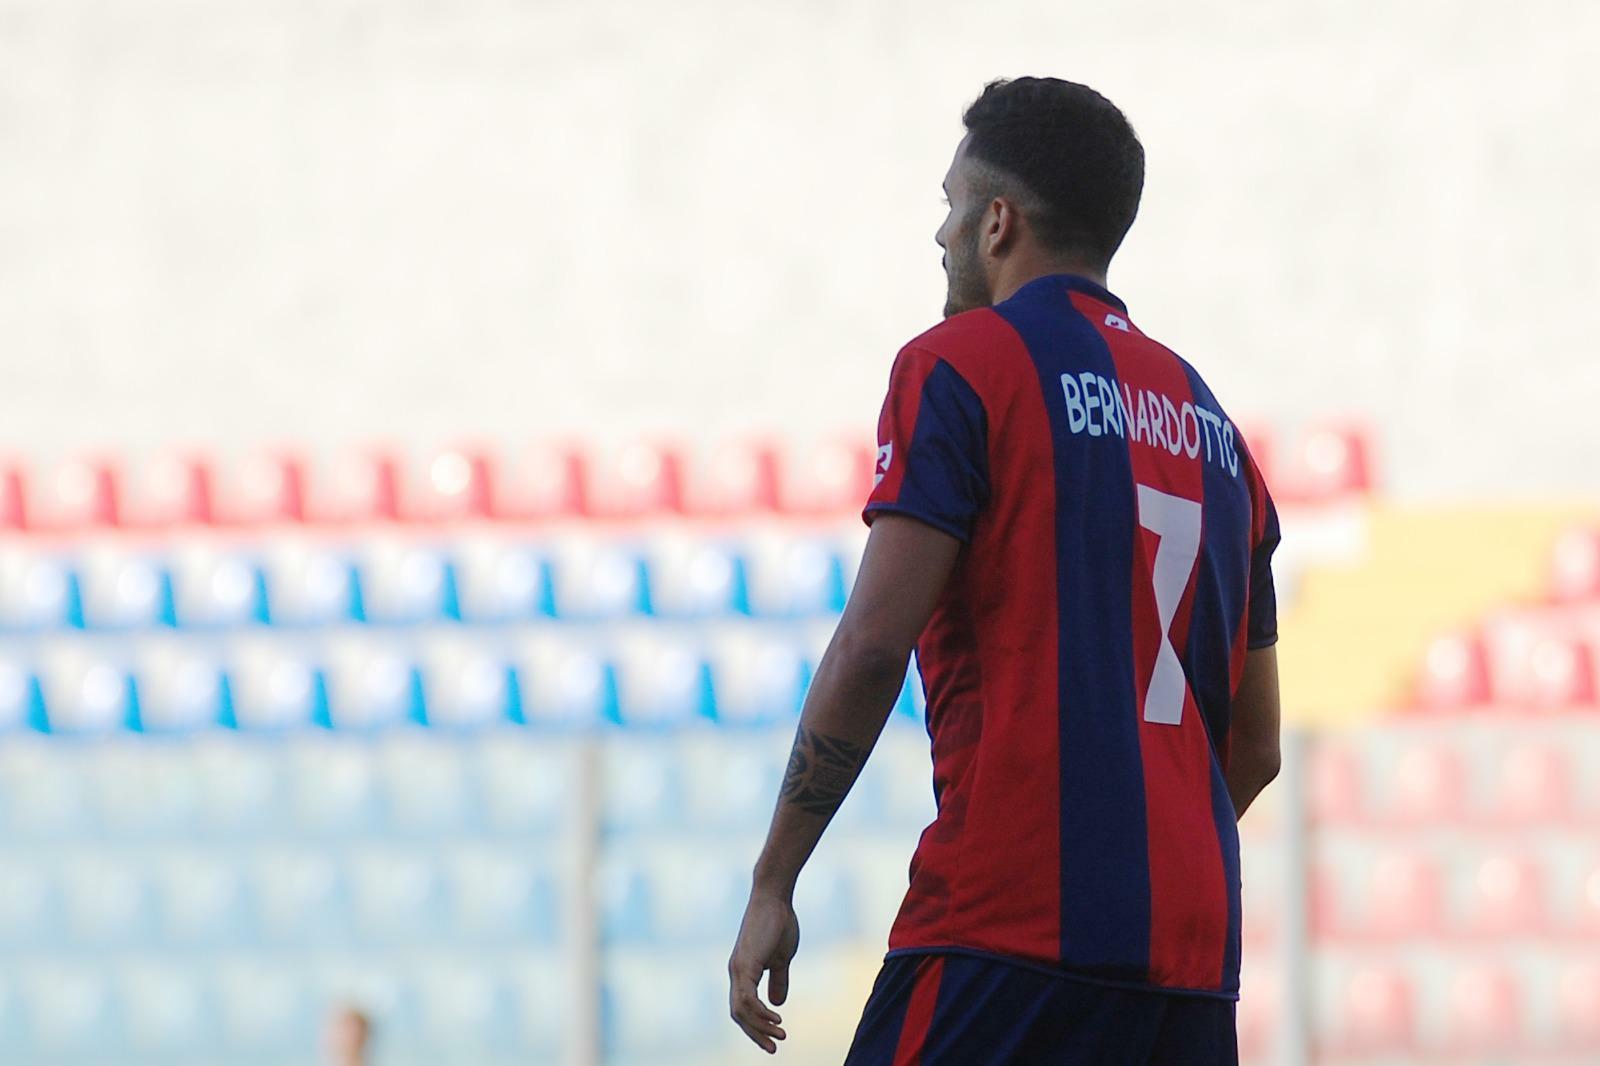 UFFICIALE | Bernardotto ceduto all'Avellino immagine 15016 US Vibonese Calcio